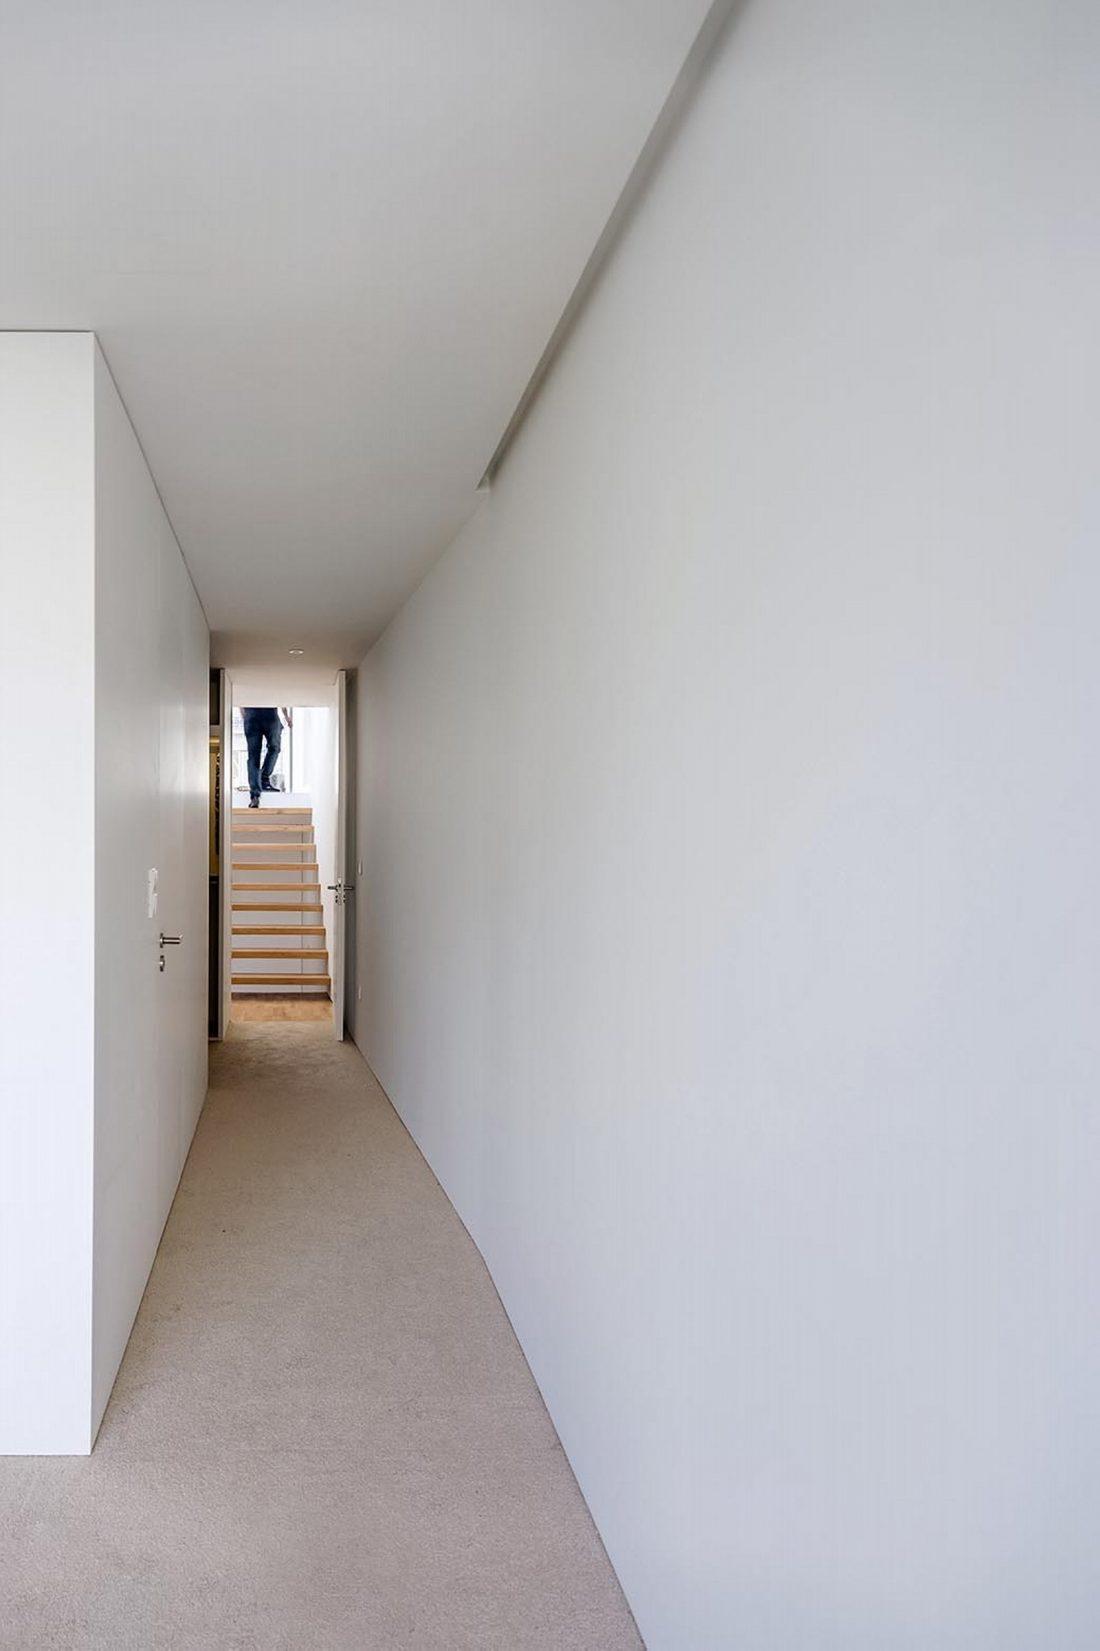 Реконструкция старинного дома Bonjardim House в Португалии по проекту ATKA arquitectos 29